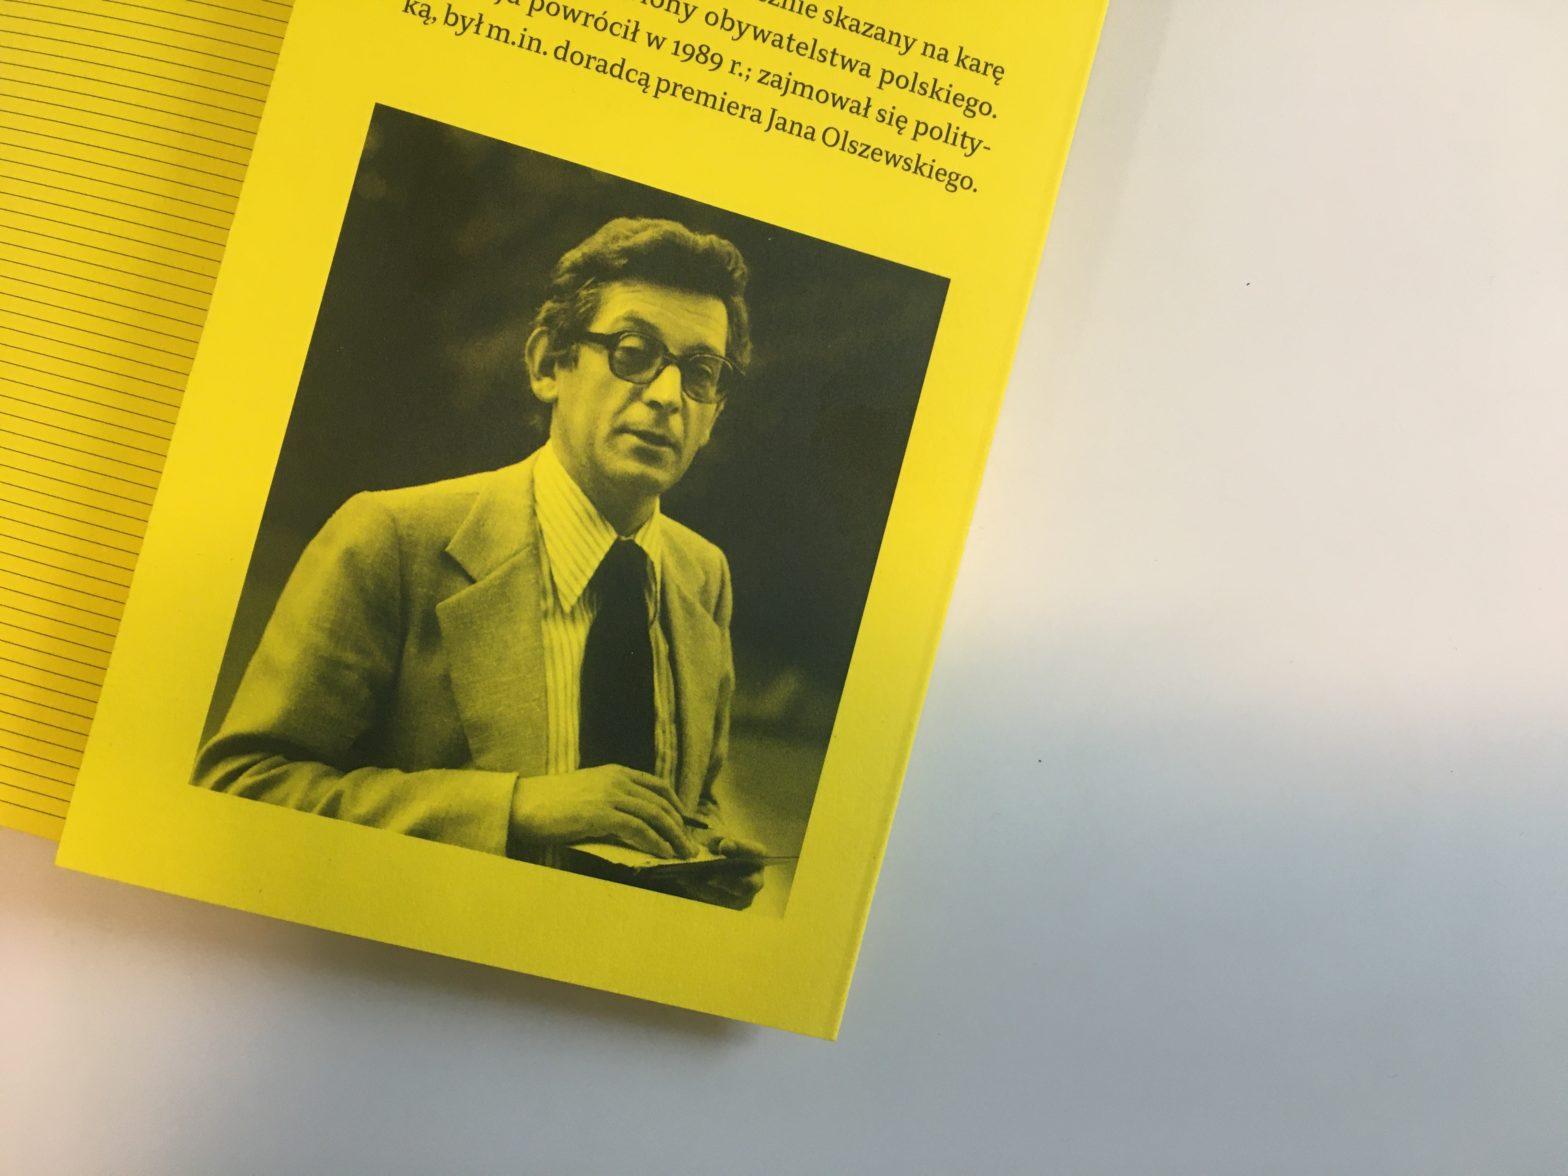 Rewers okładki przedstawia zdjęcie elegancko ubranego mężczyzny, nad zdjęciem znajduje się notka.